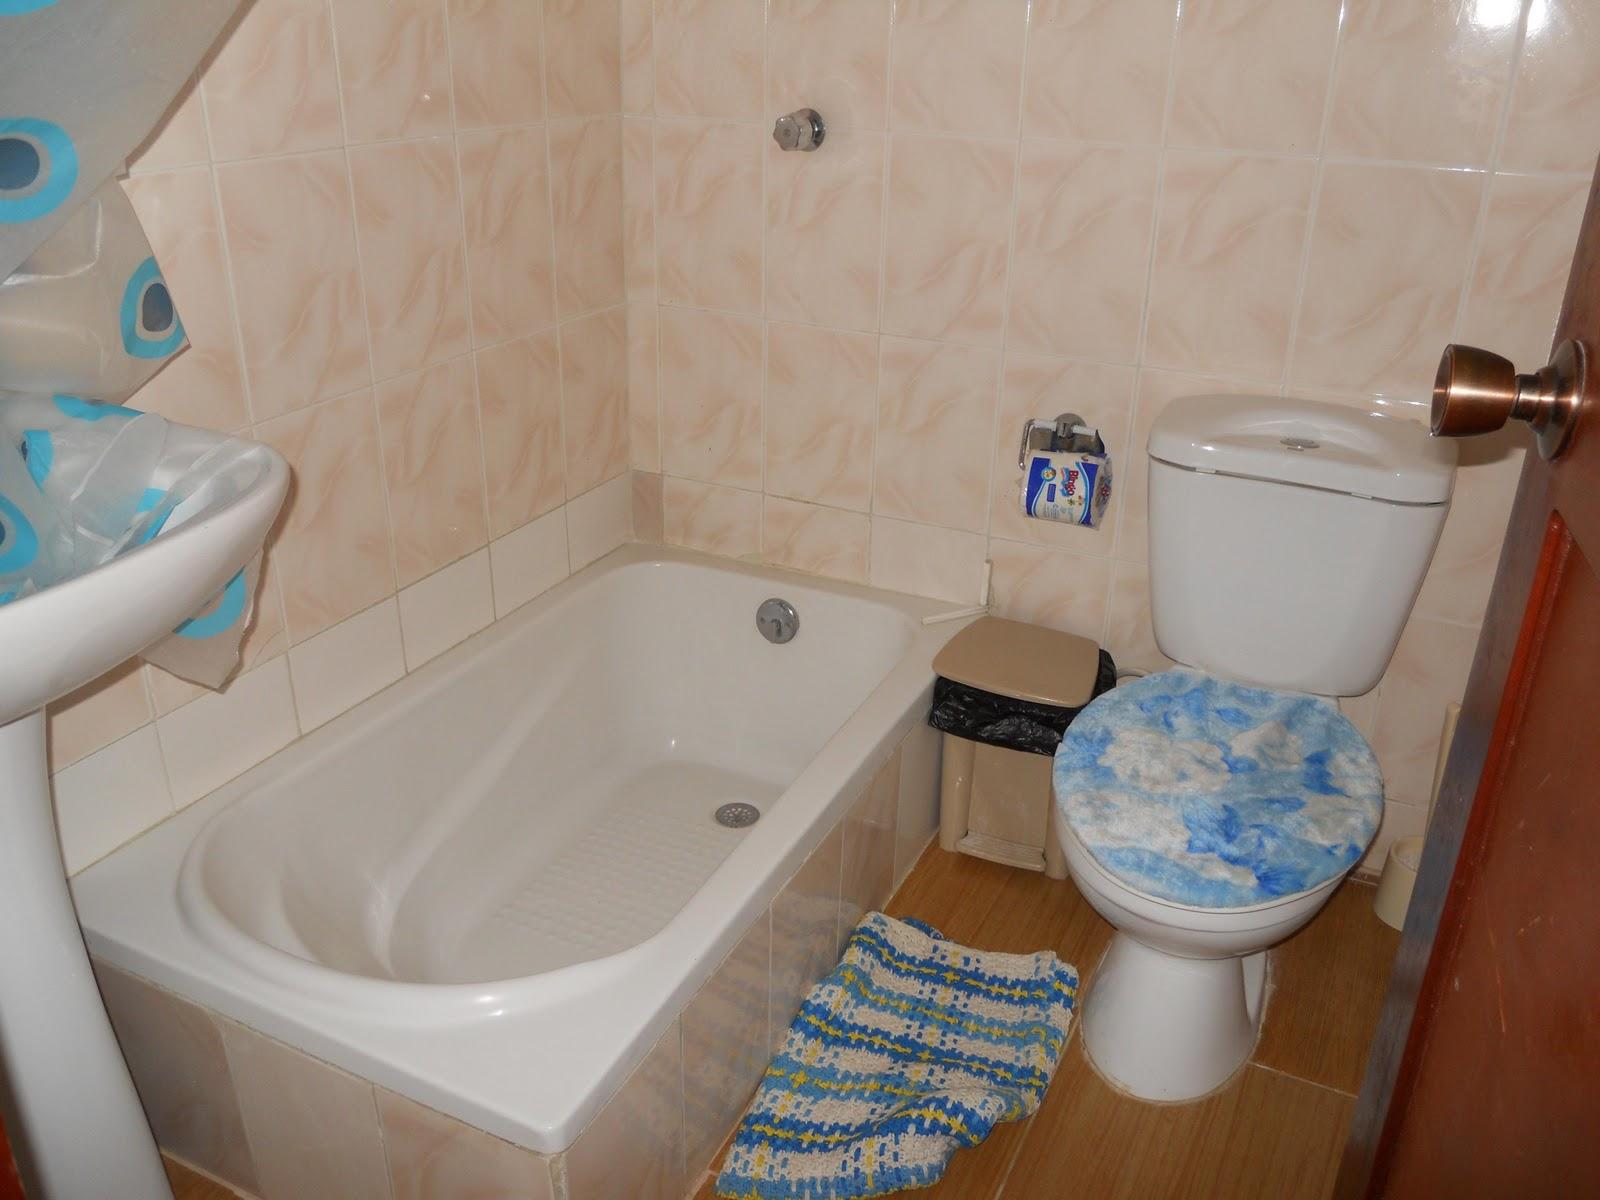 Hostal restaurant d 39 oleo mendez habitaciones - Banos con baneras ...